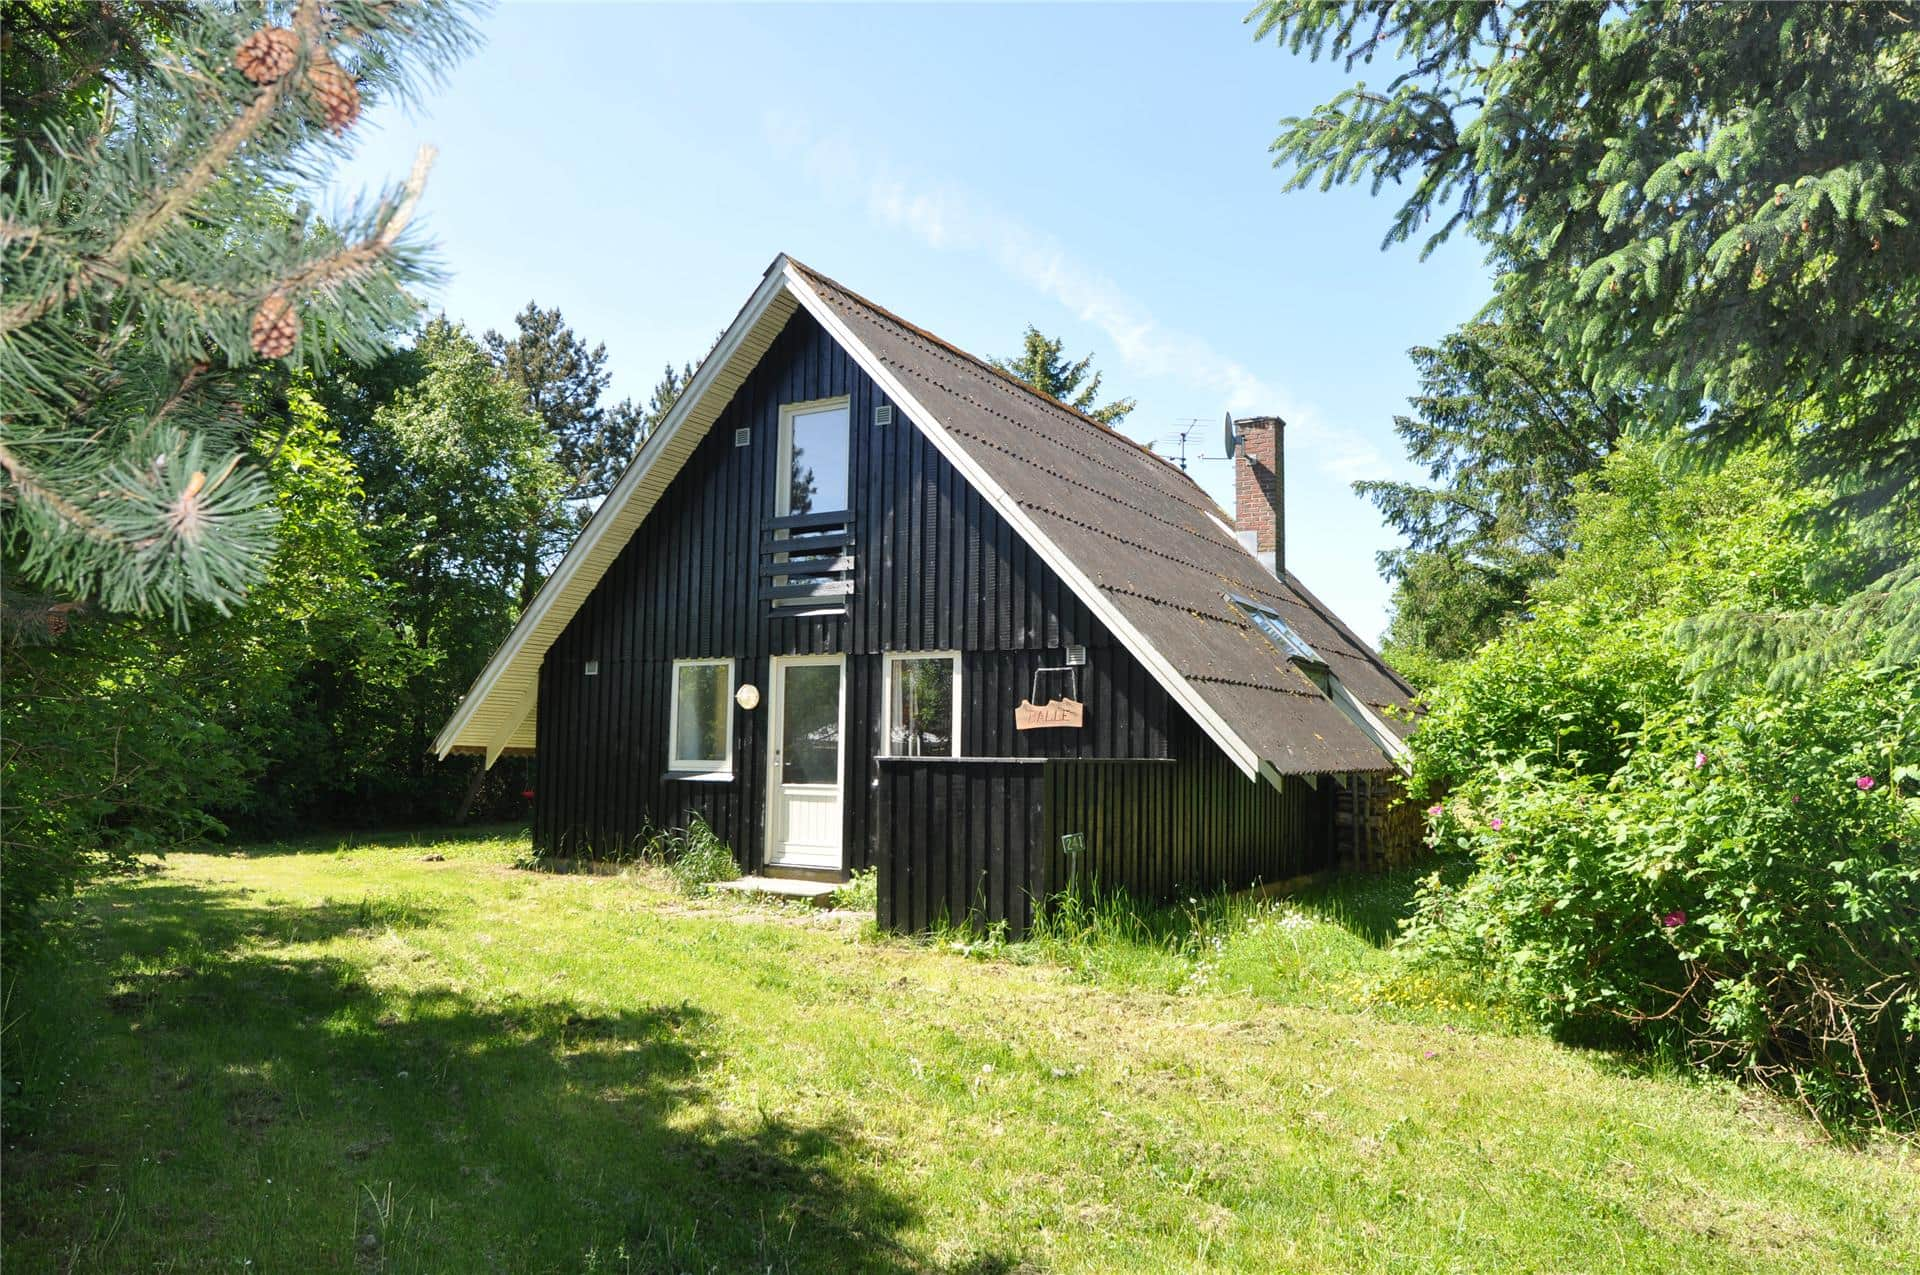 Billede 1-175 Sommerhus 40174, Helmklit 241, DK - 6990 Ulfborg